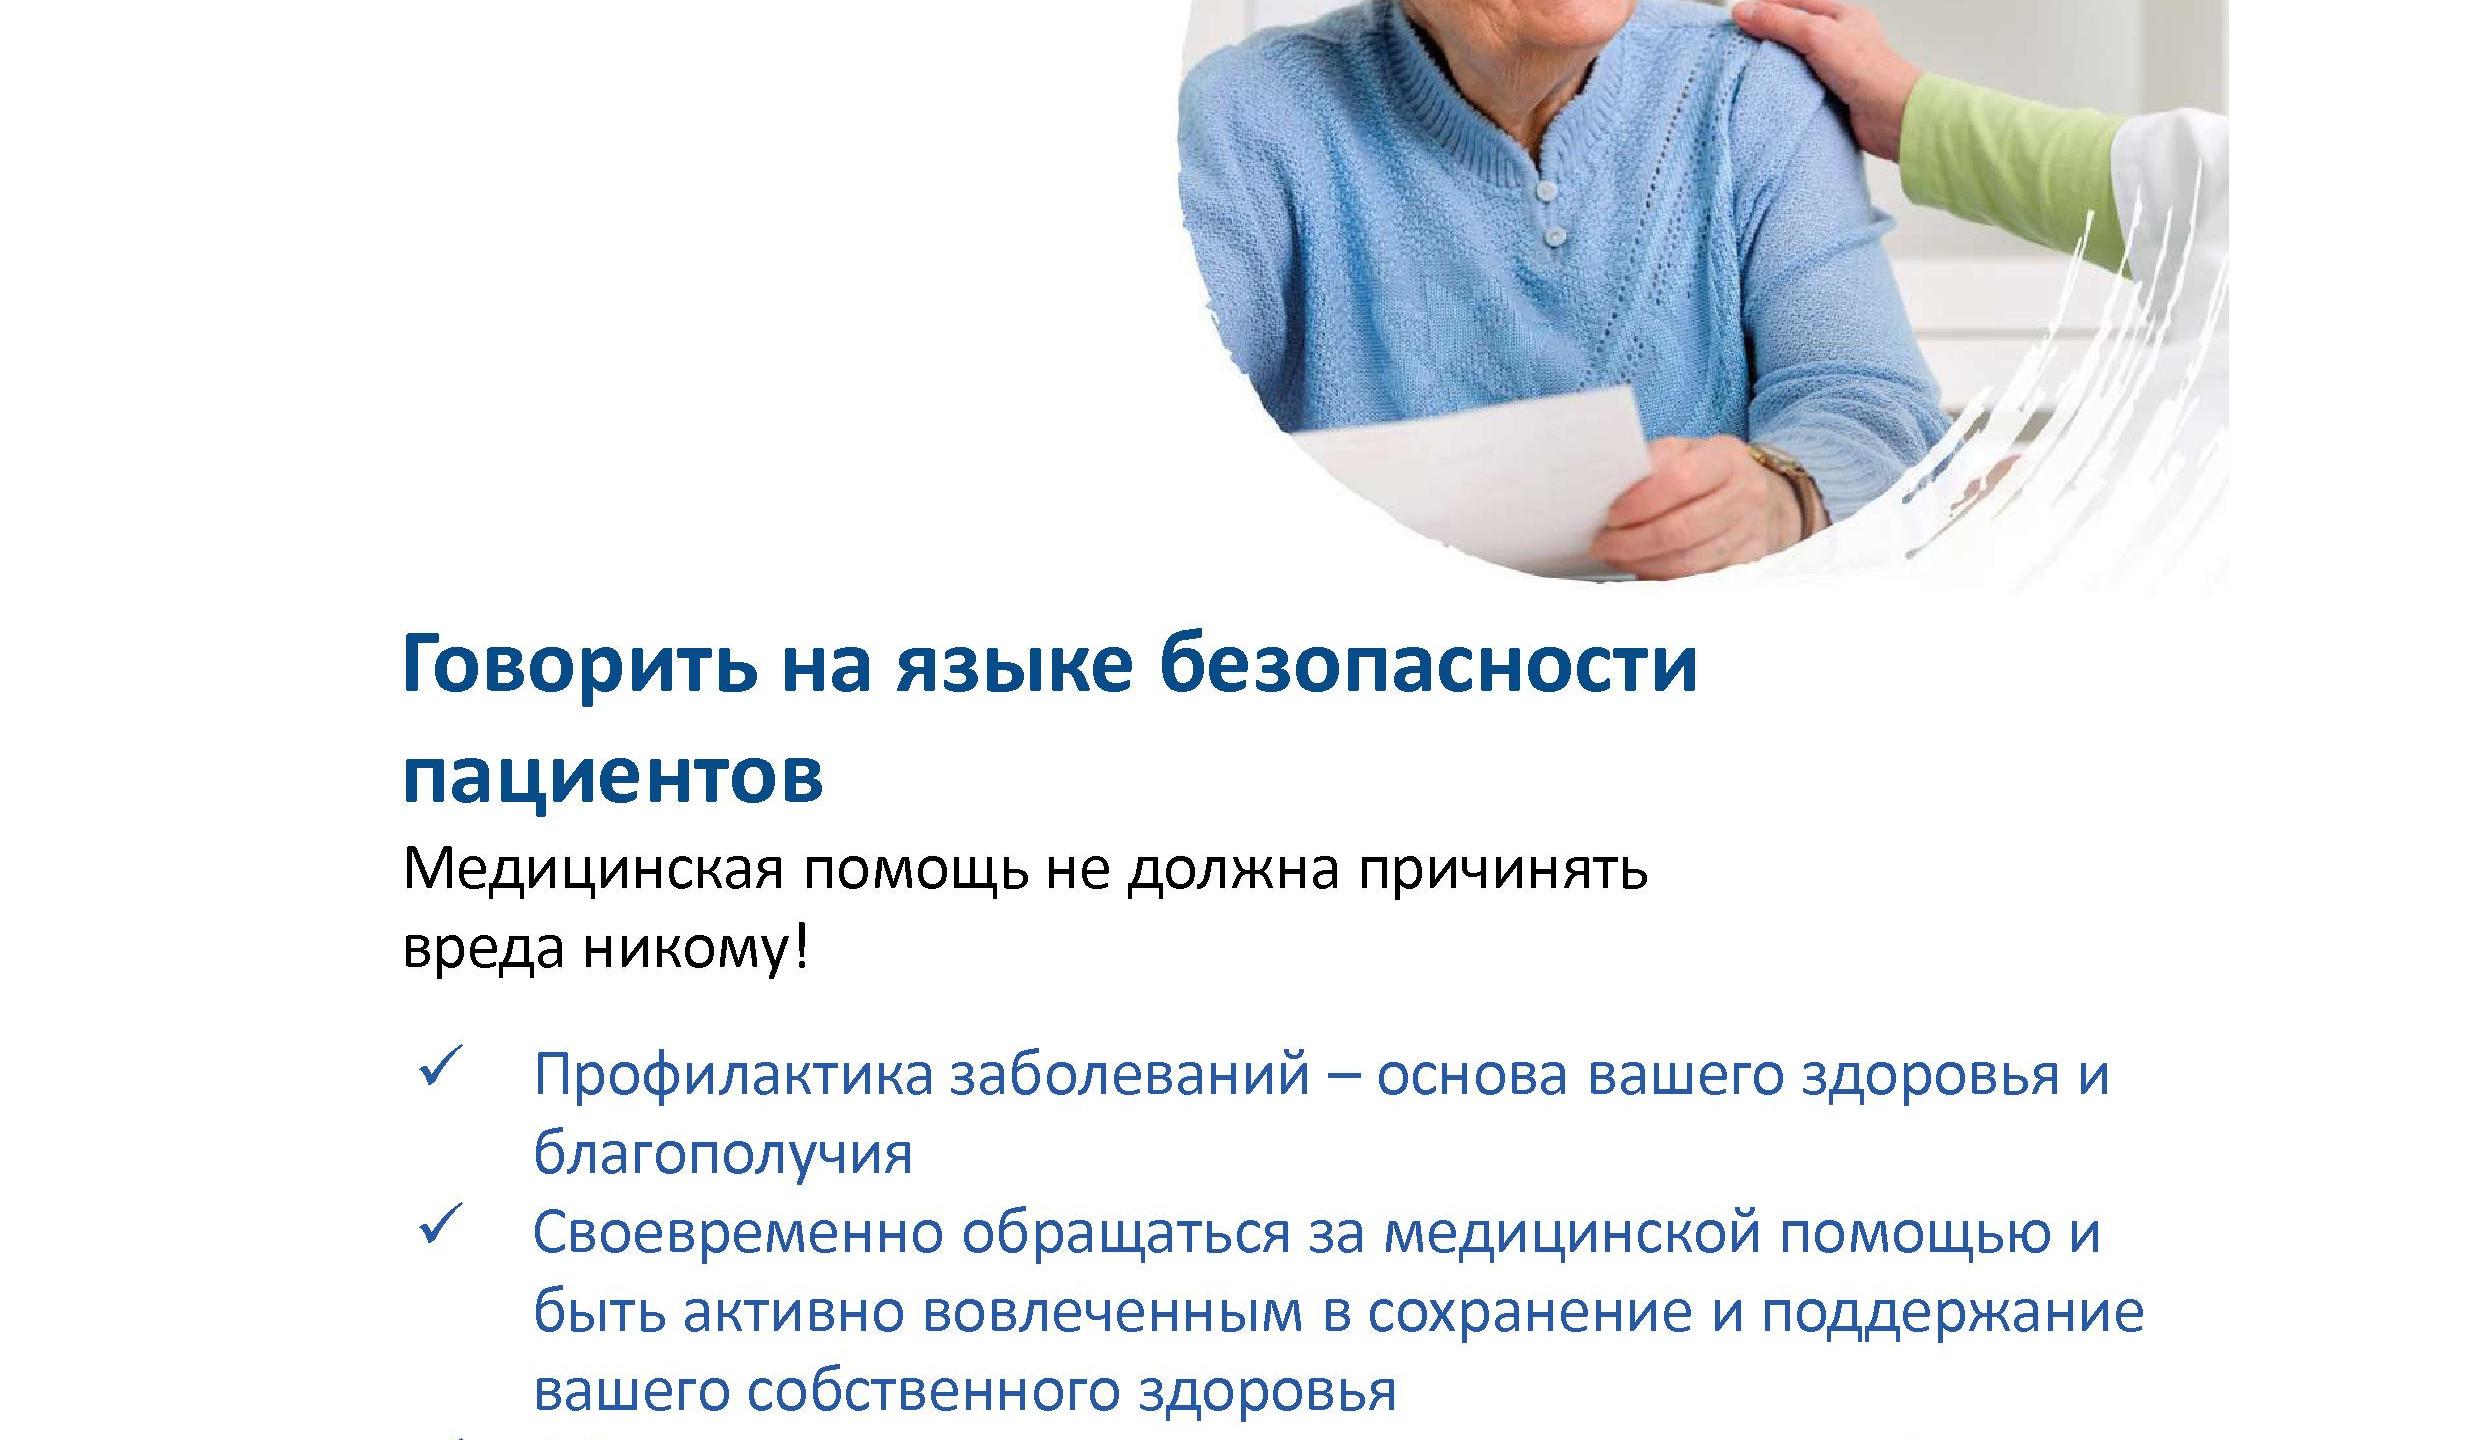 Постер для пациентов